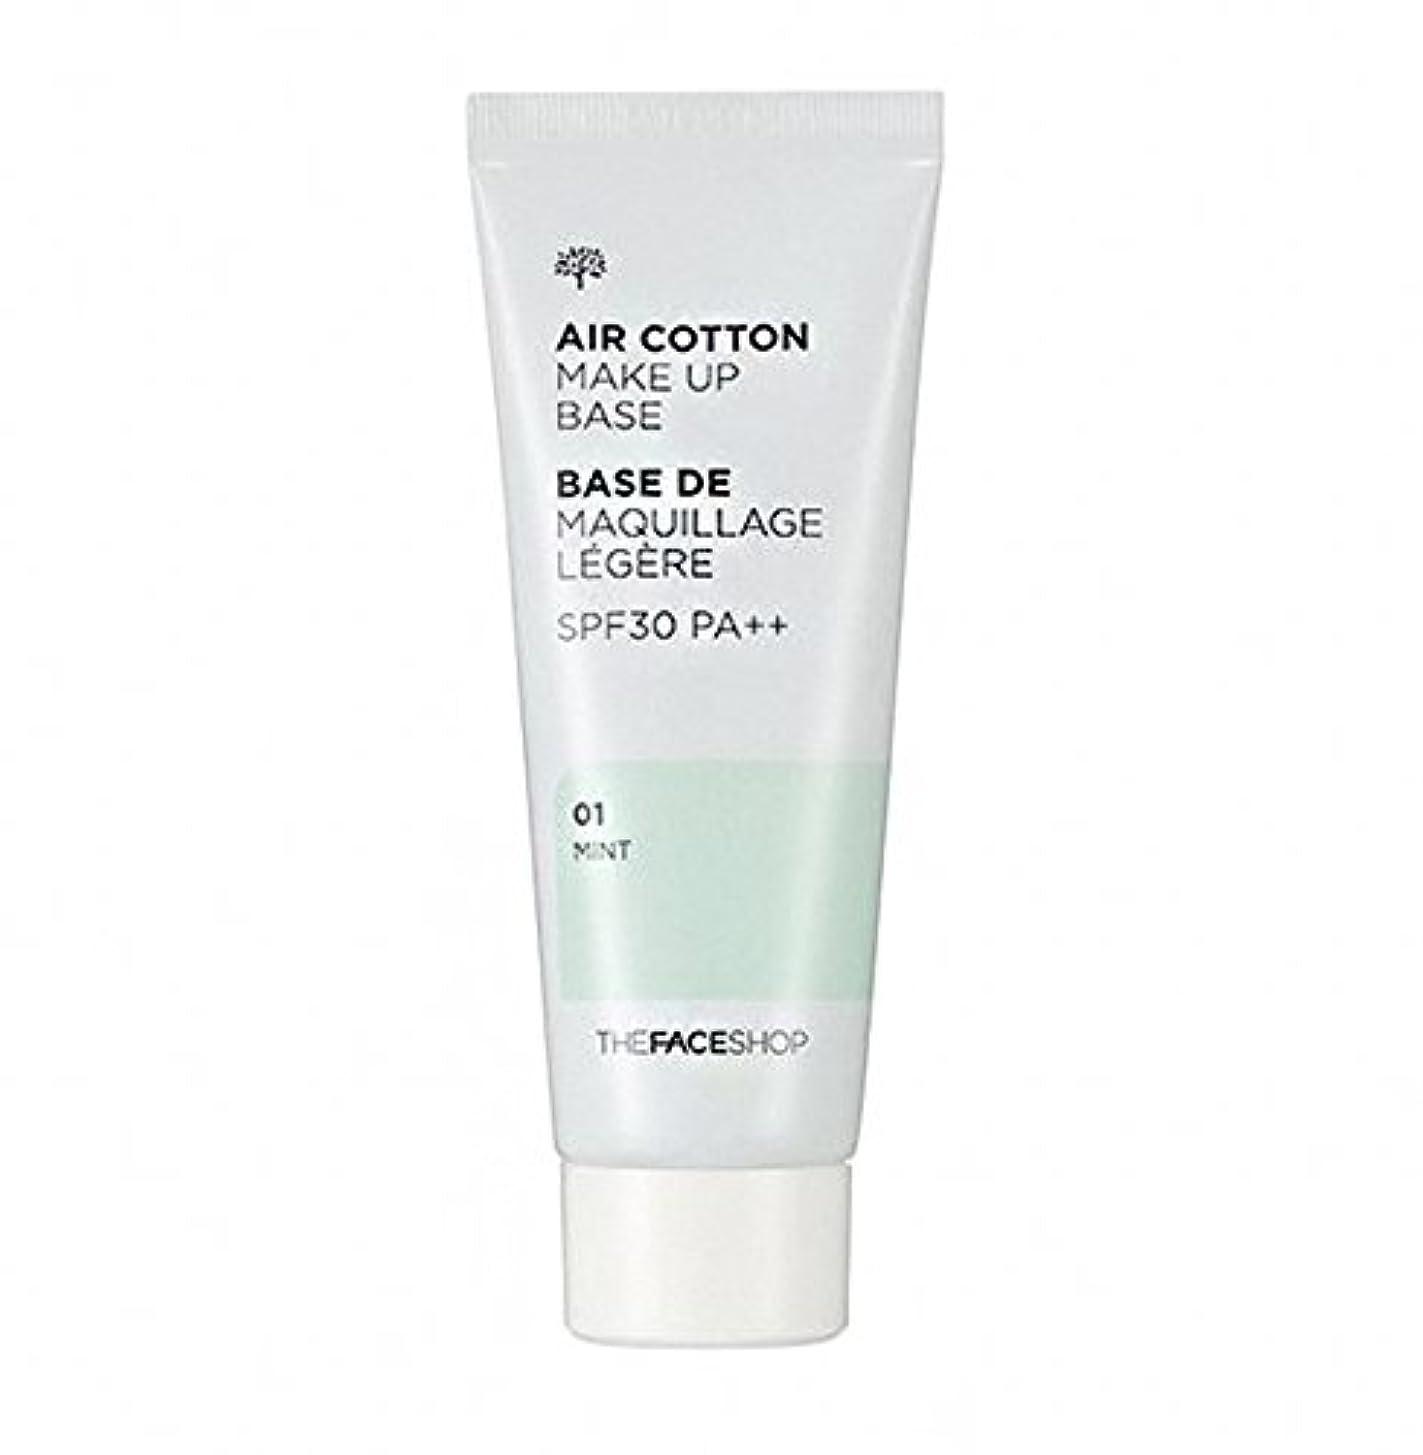 鎮痛剤パースブラックボロウところでザ·フェイスショップ The Face Shop エアコットン メーキャップ ベース 40ml(01 ミント) The Face Shop air Cotton Makeup Base 40ml(01 Mint) [海外直送品]